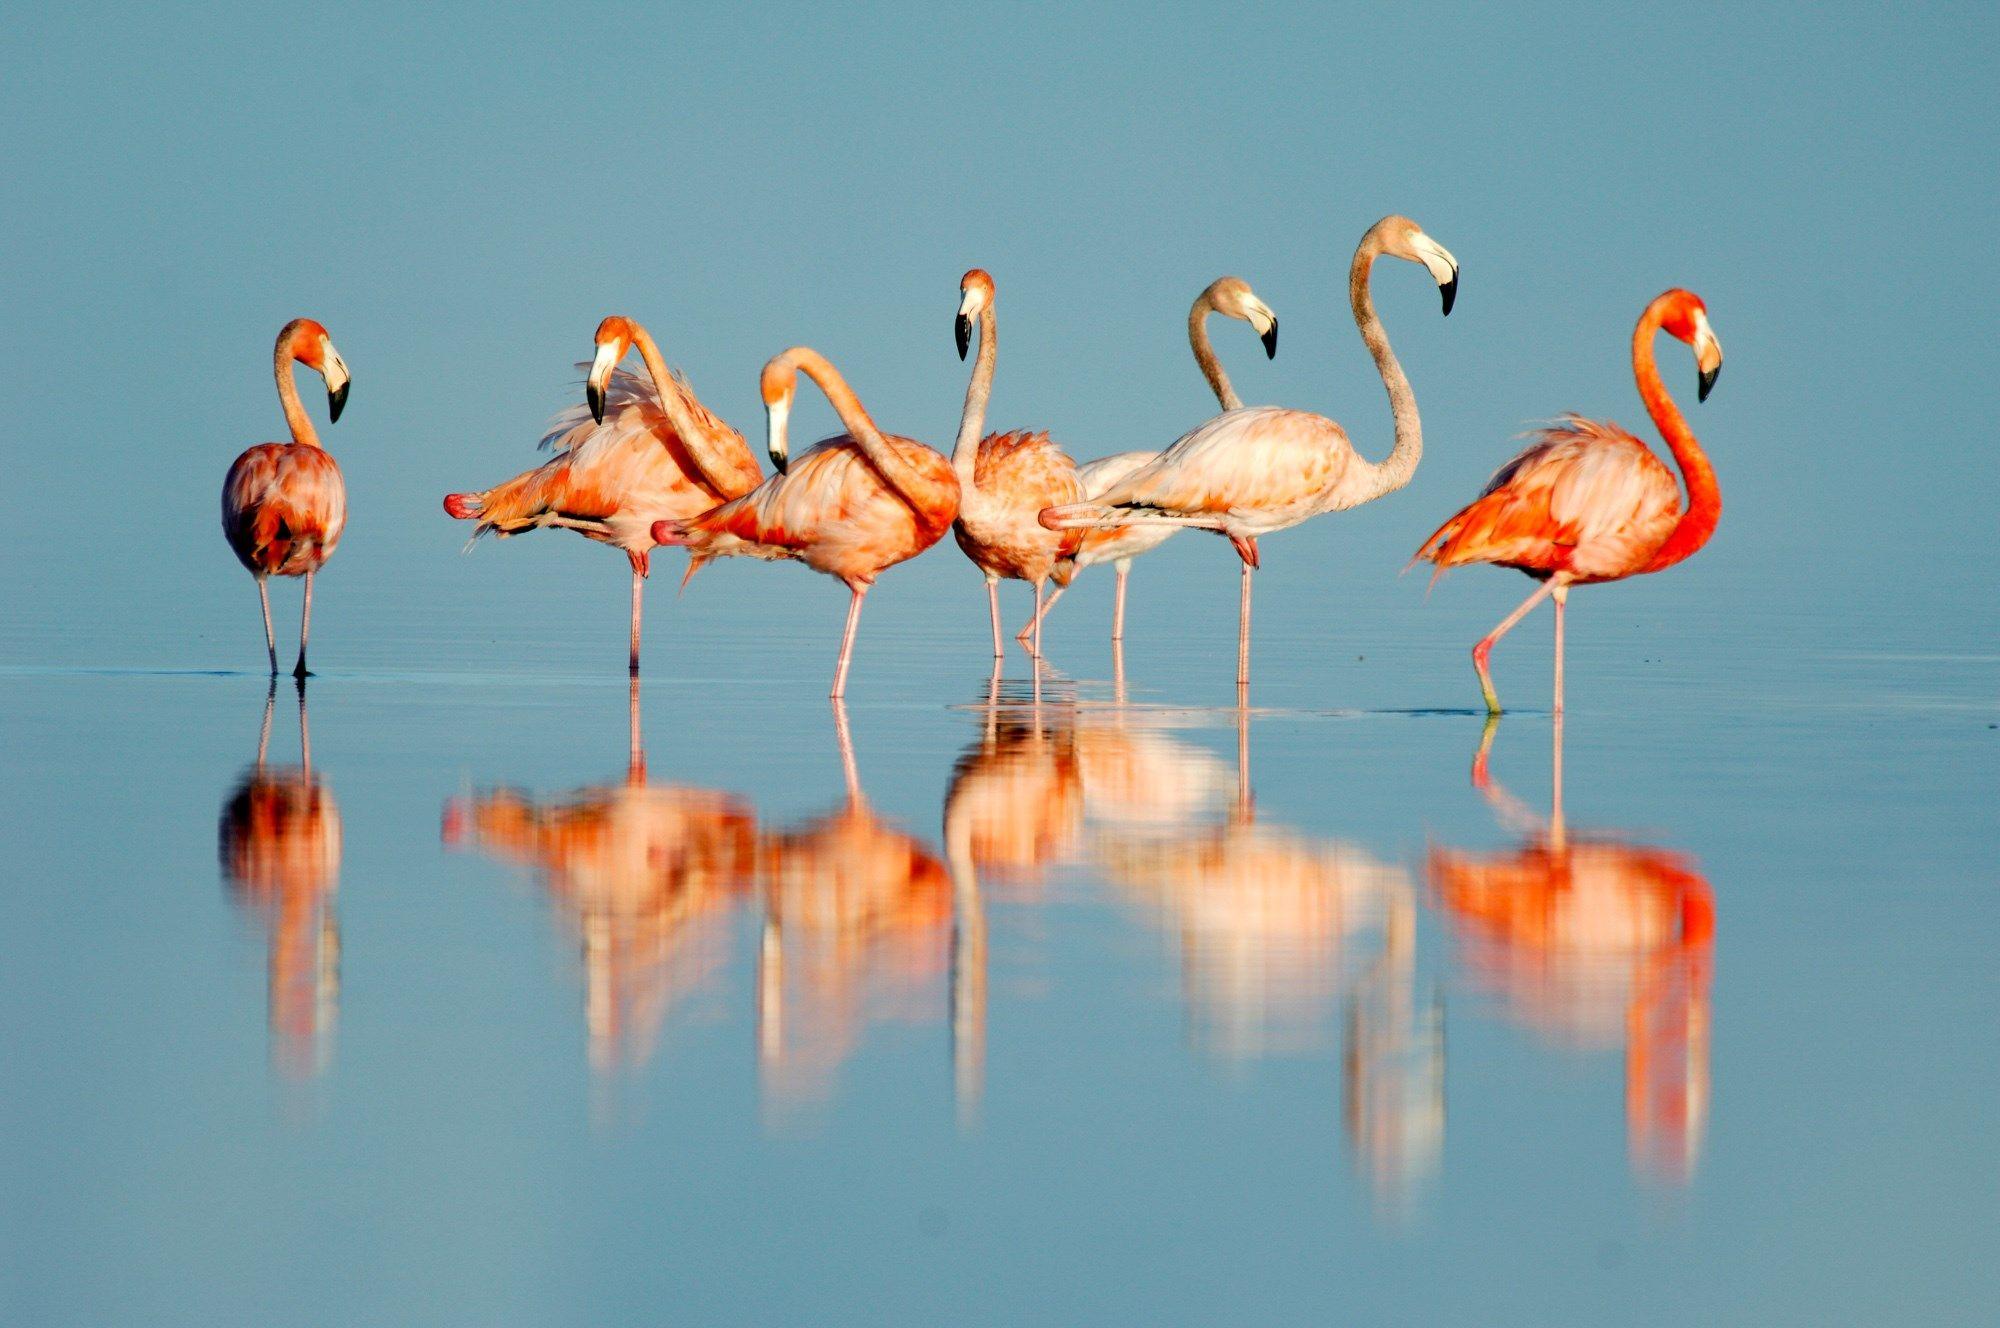 Flamingo Wallpaper Hd Flamingo Hd 93073 Hd Wallpaper